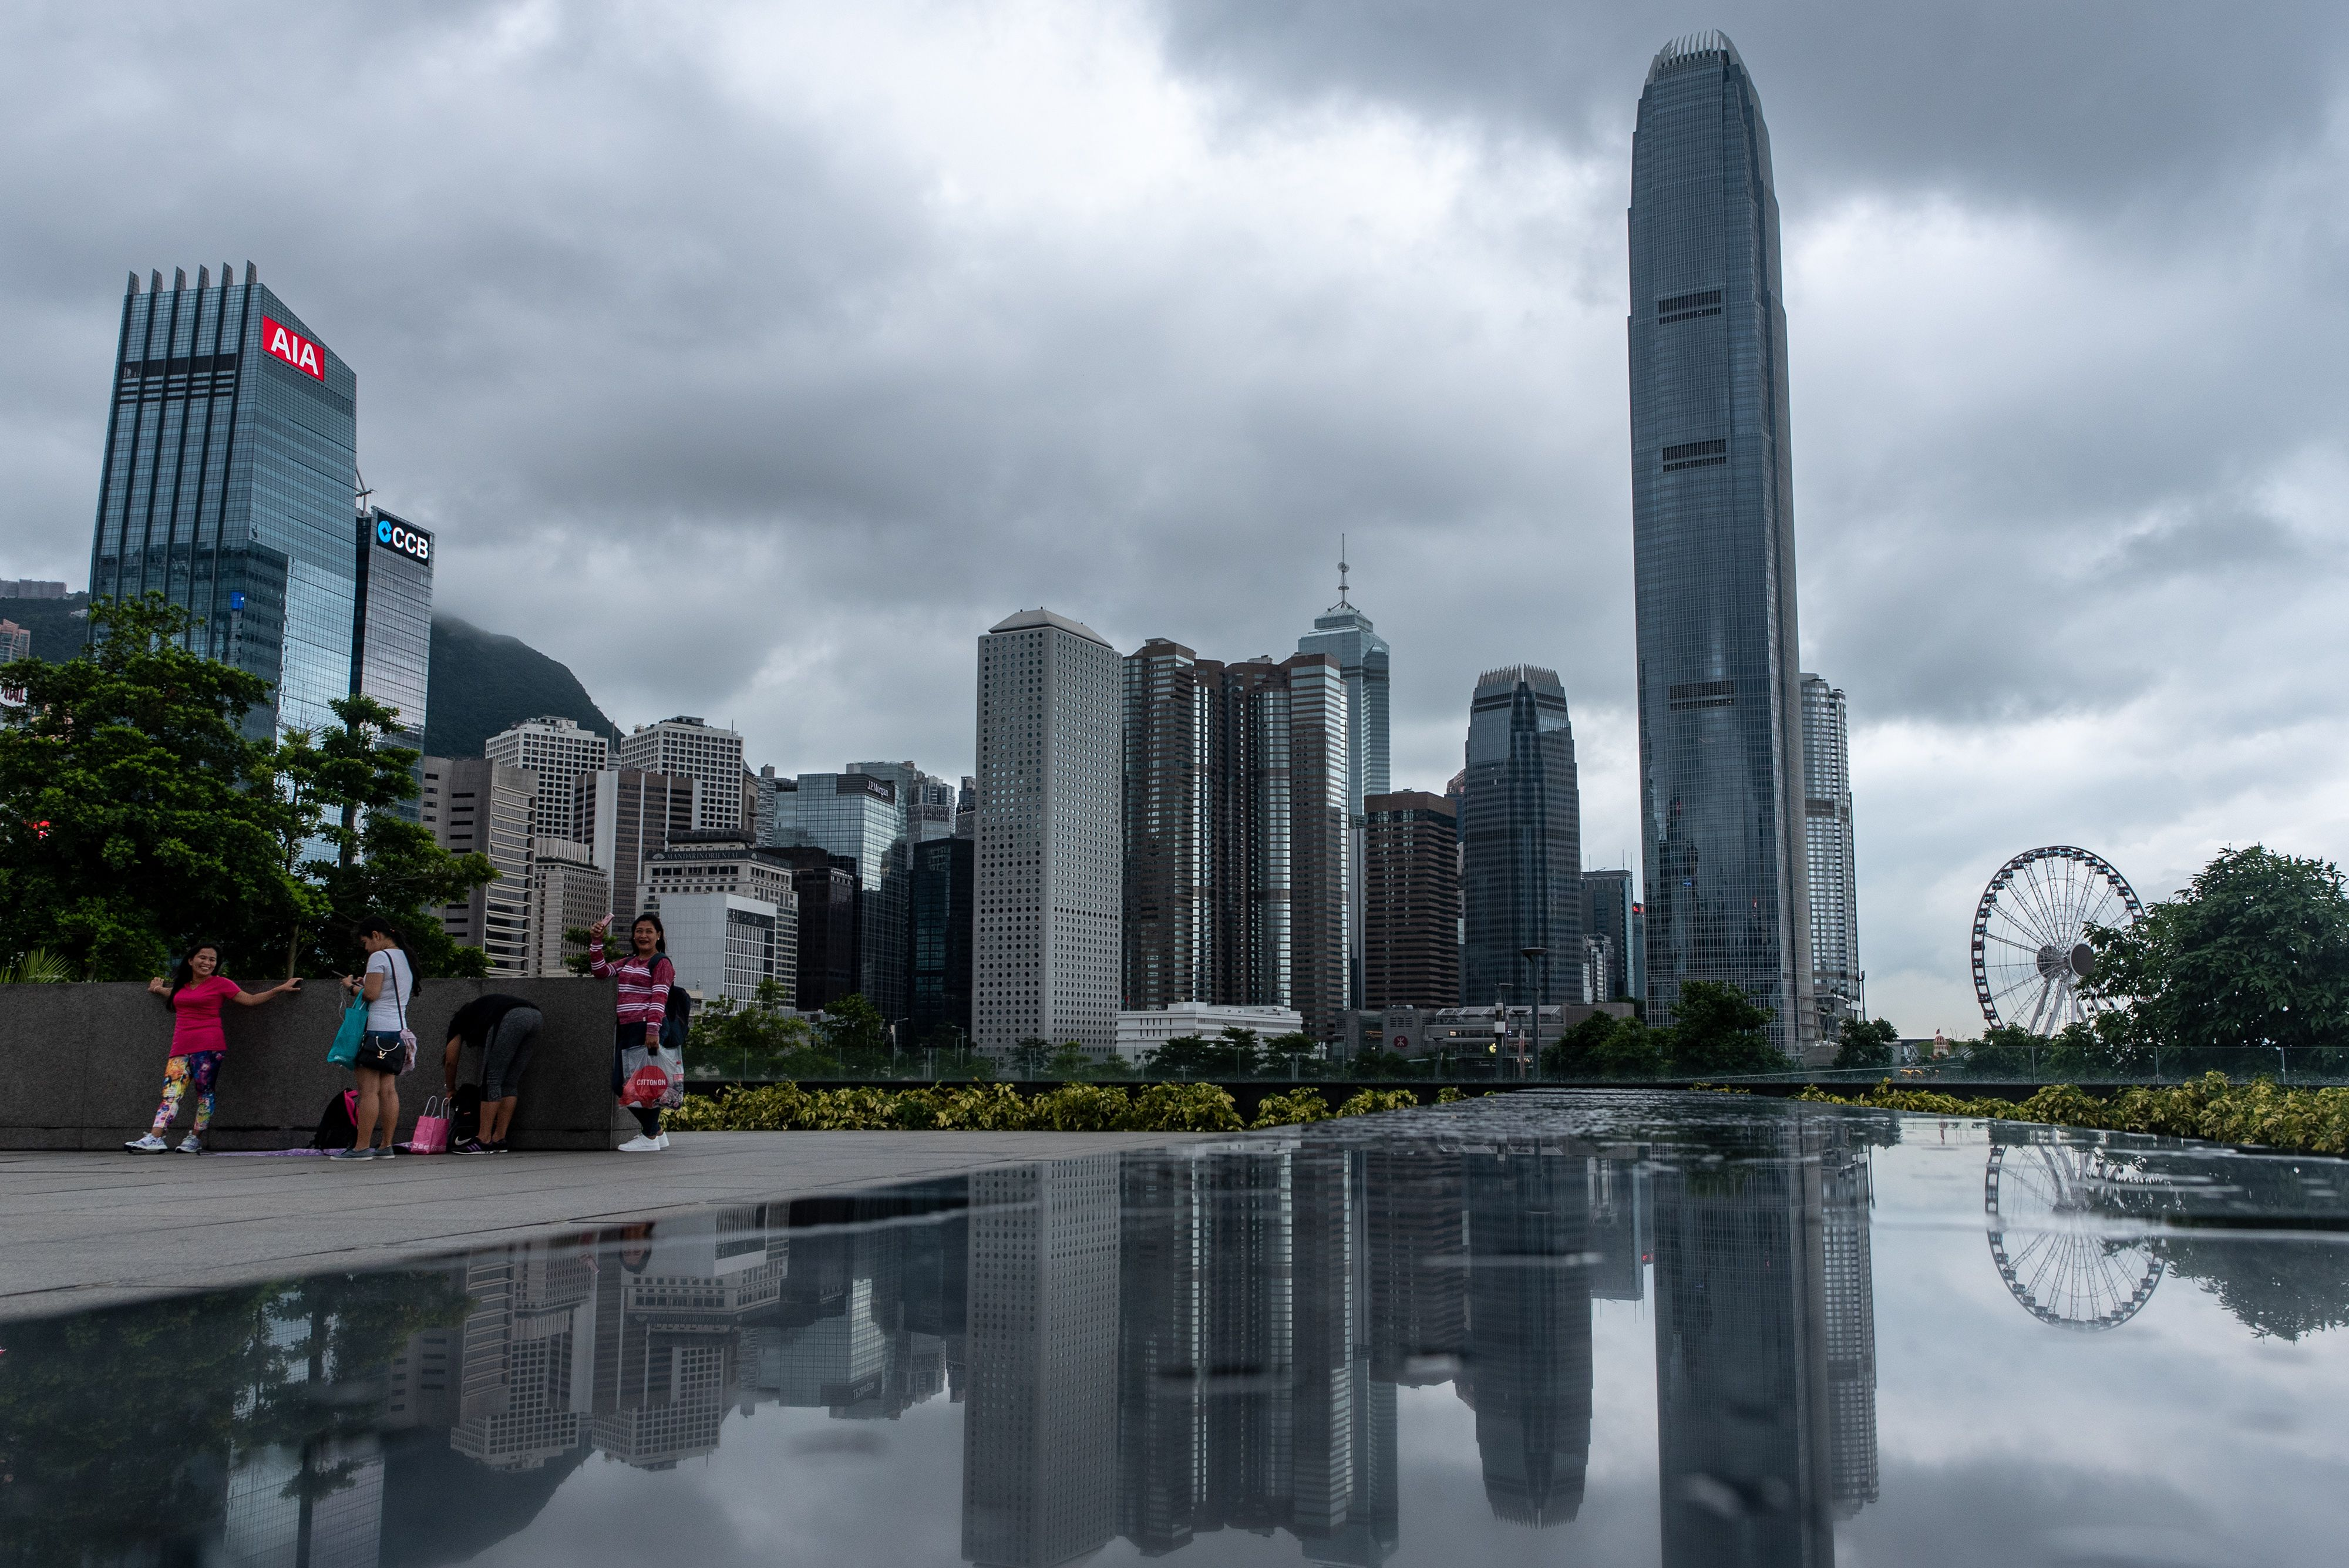 據最新解密的檔案,英國外交部曾被警告,中共可能在1997年香港主權移交之前,以武力強行接管香港。( PHILIP FONG/AFP/Getty Images)